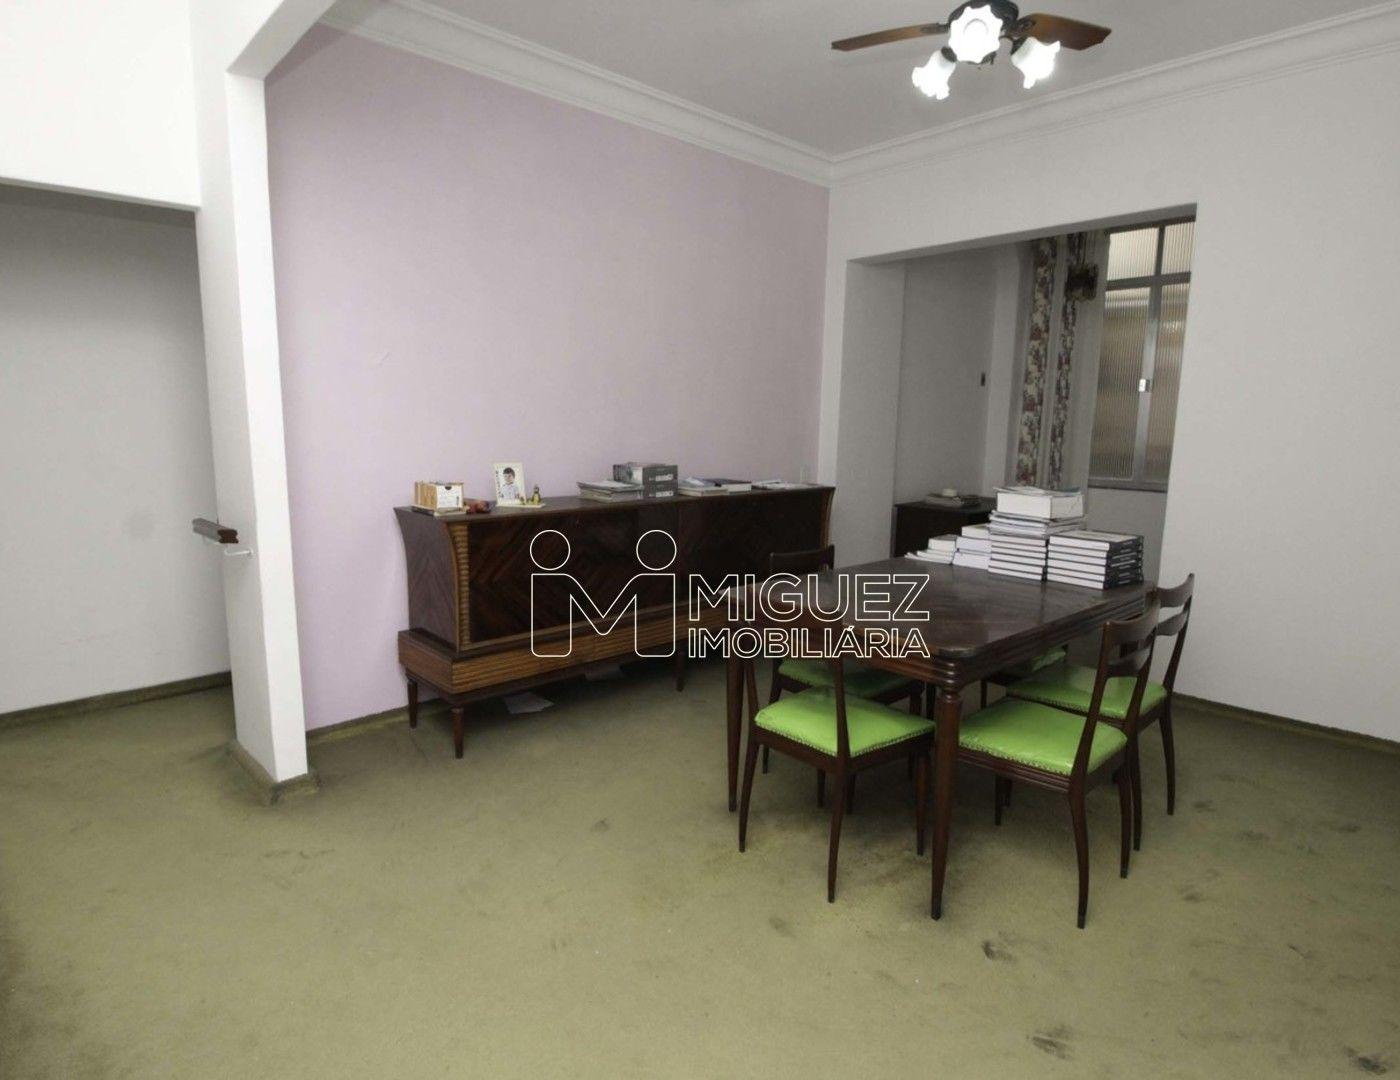 Apartamento, venda, Praia do Flamengo - Flamengo , Rio de janeiro